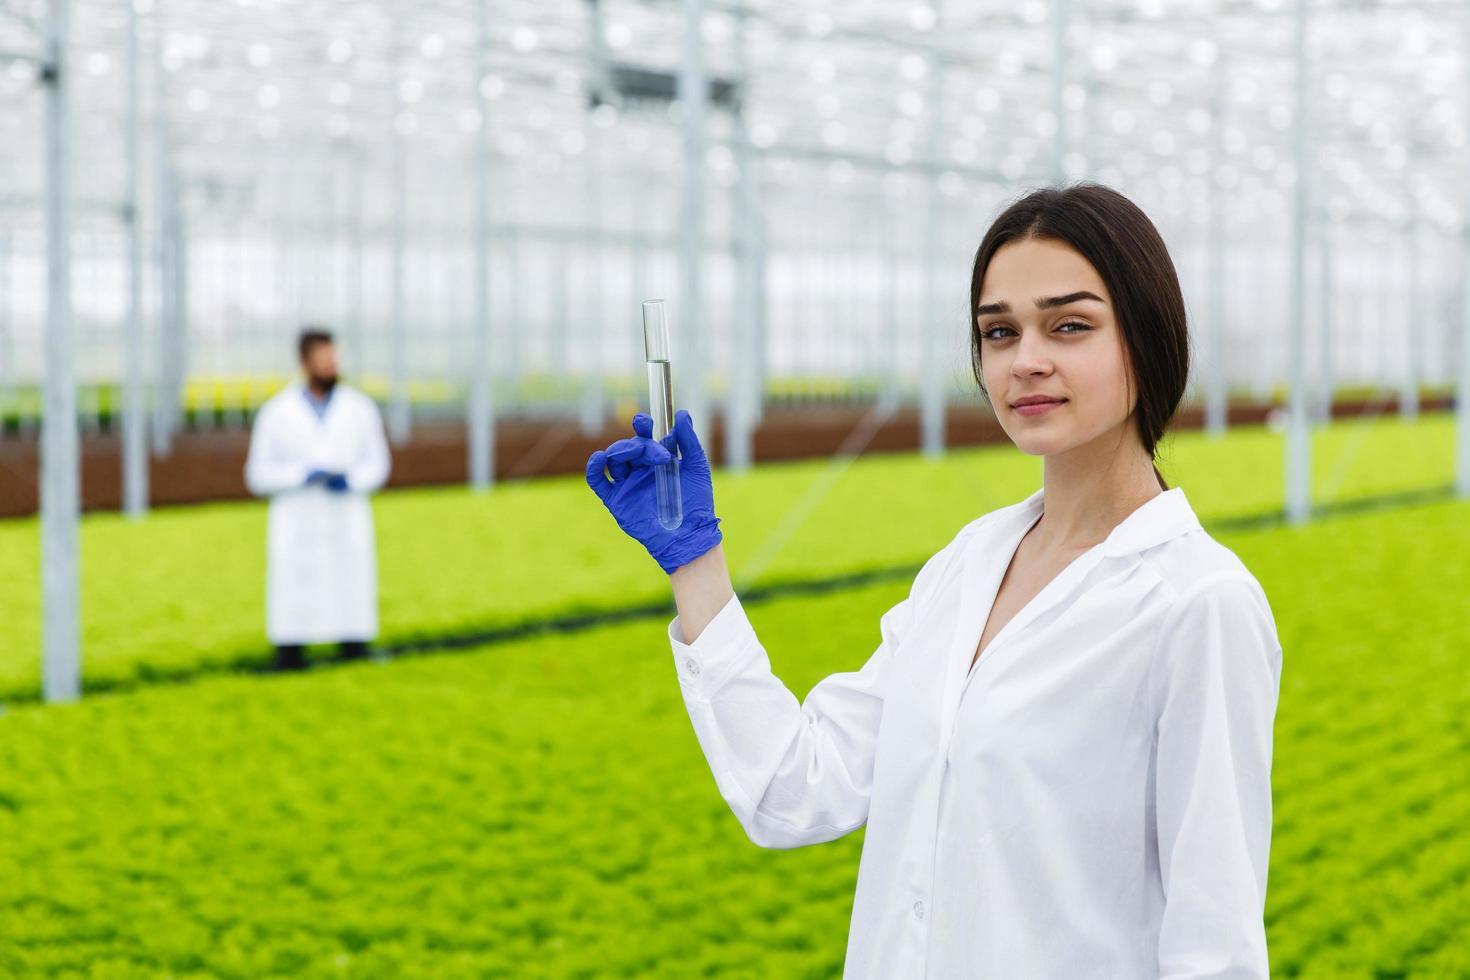 chercheuse tient un tube en verre avec un échantillon photo